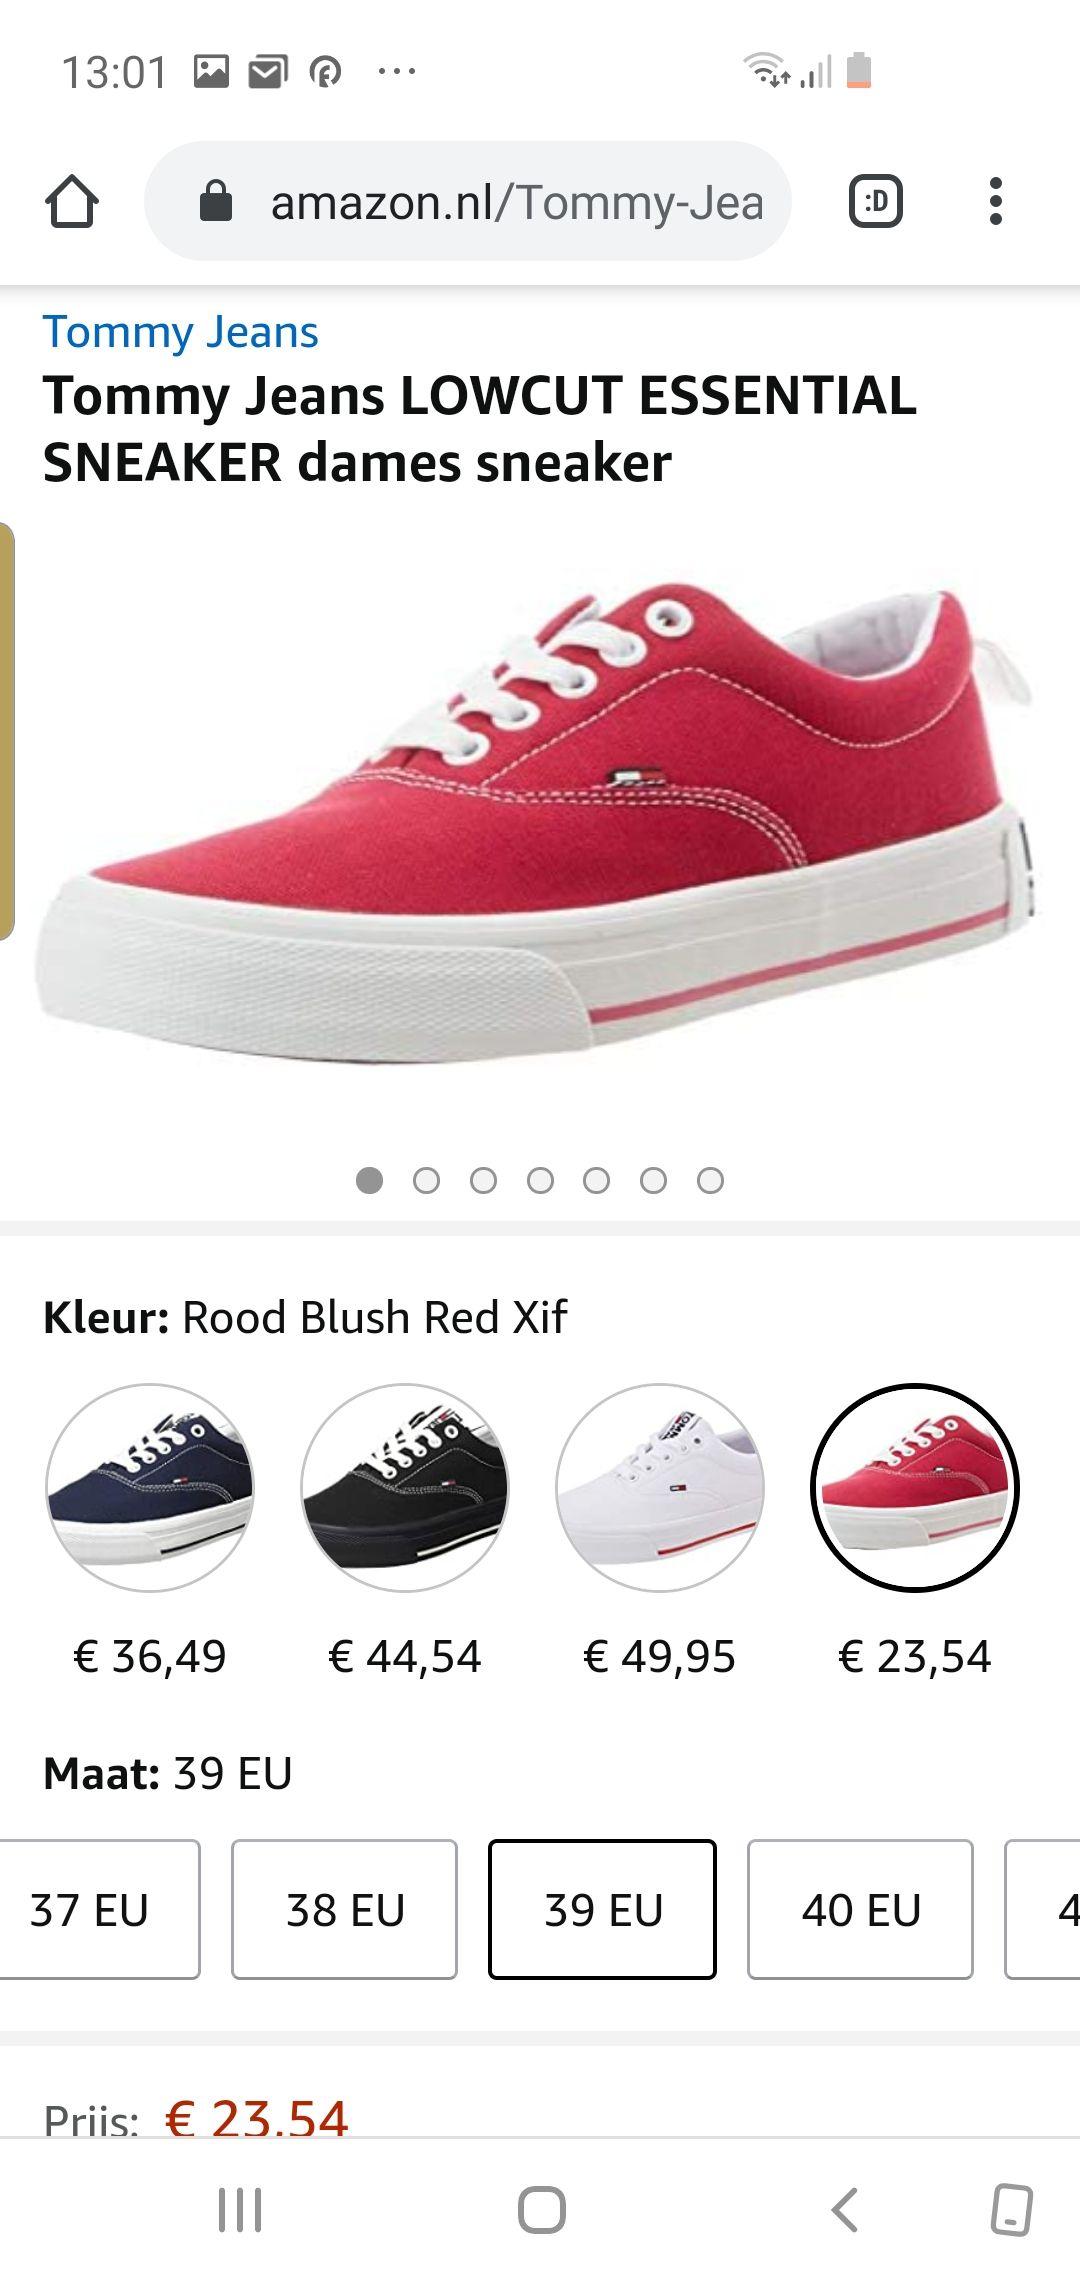 Tommy Jeans LOWCUT ESSENTIAL SNEAKER dames sneaker